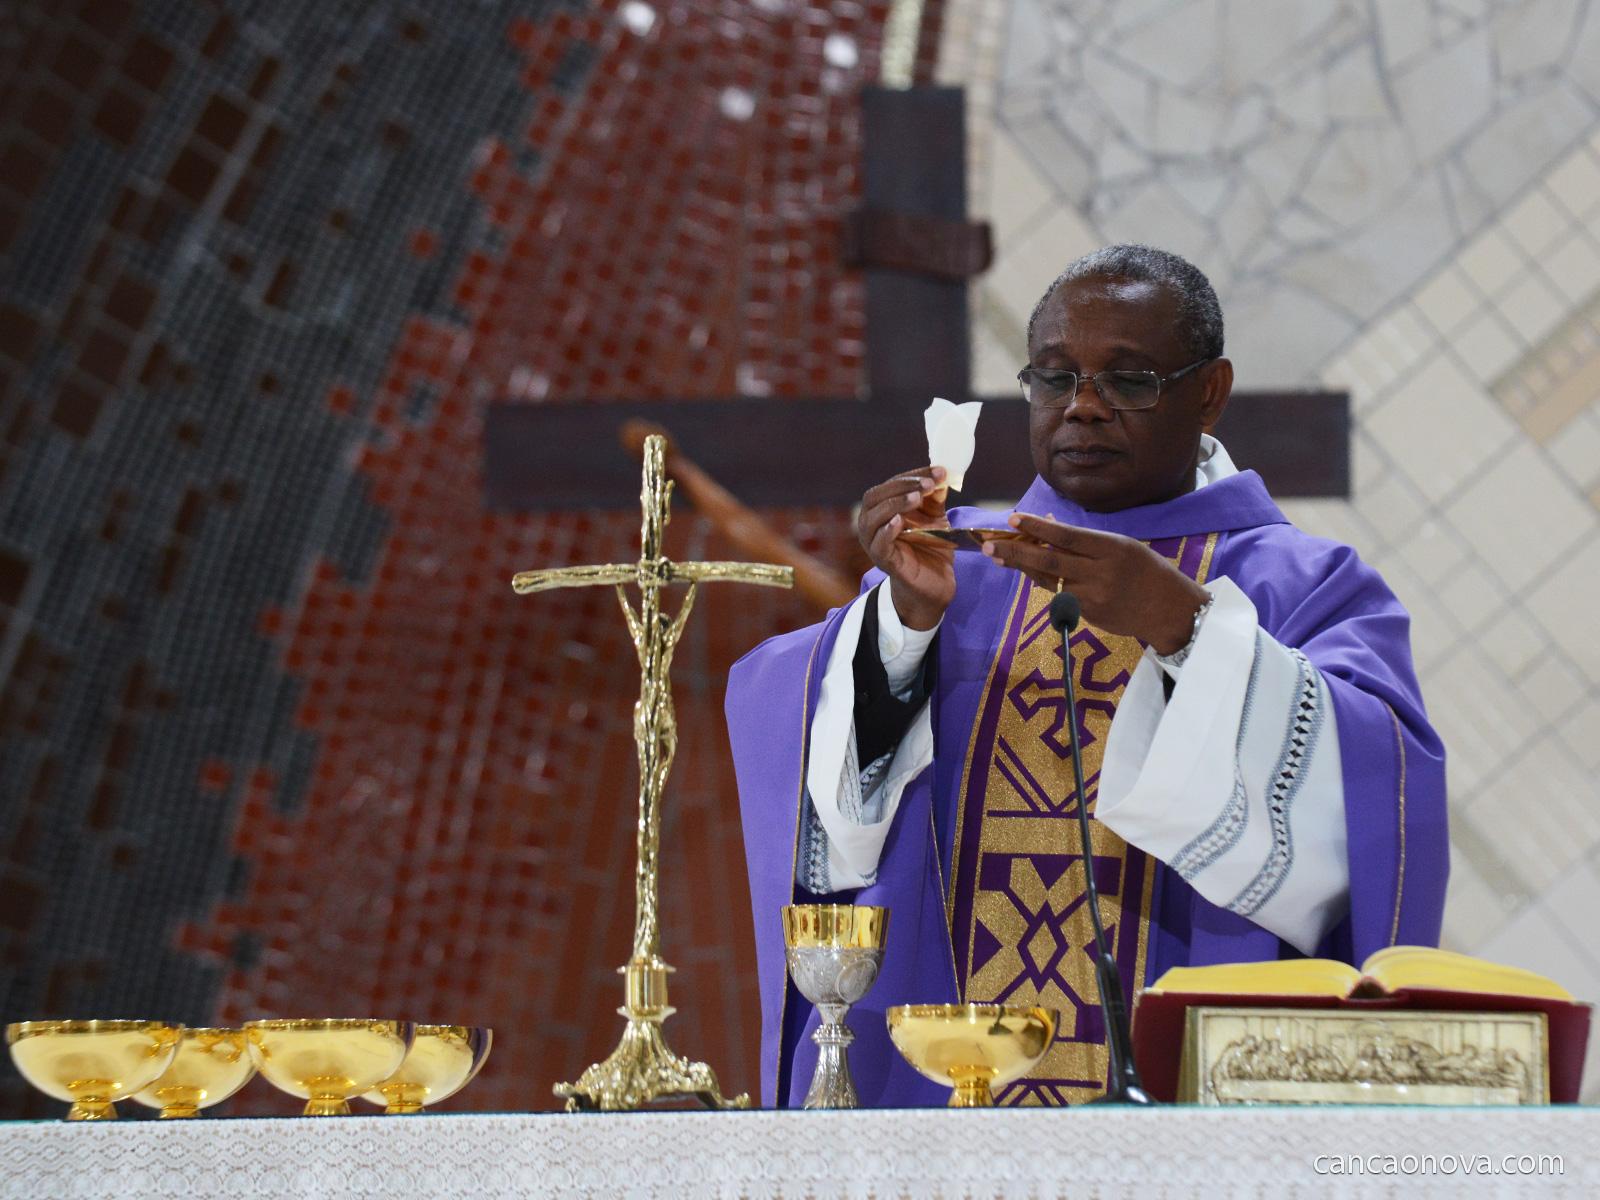 Como-é-feita-a-escolha-da-missa,-suas-leituras-e-orações-eucaristicas